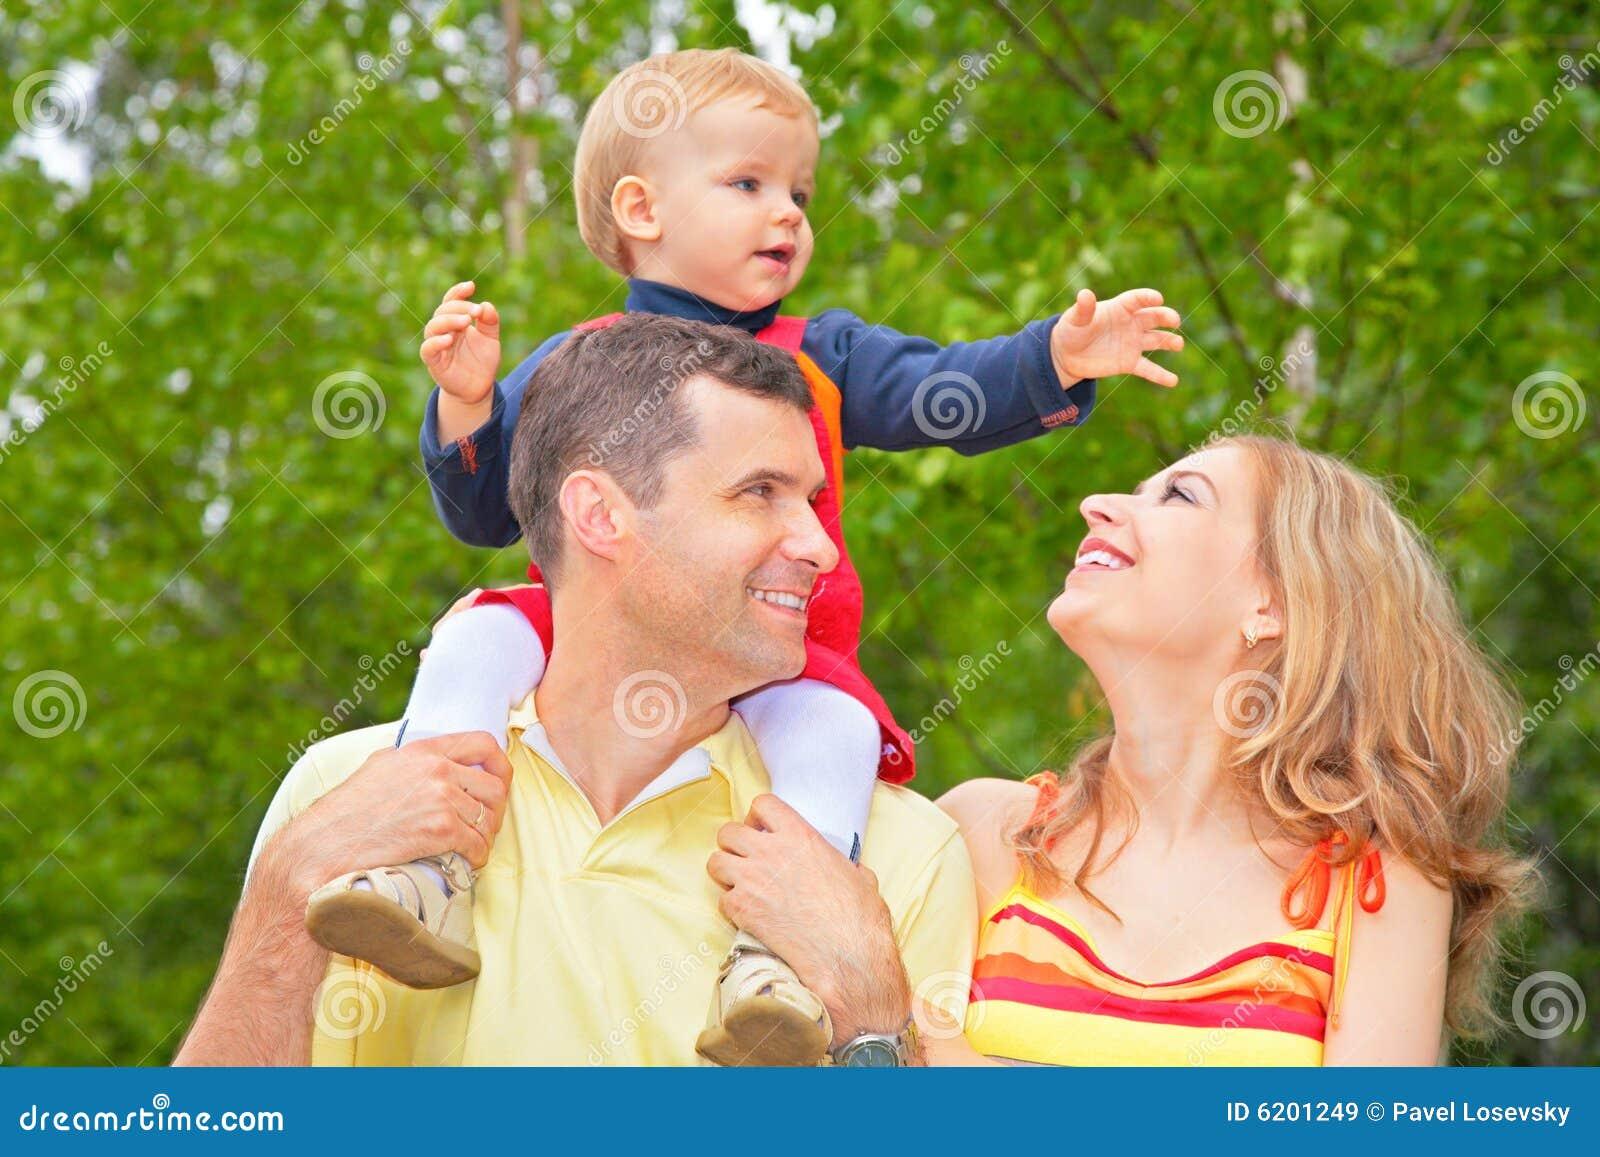 Familie im Park mit Kind auf Schultern